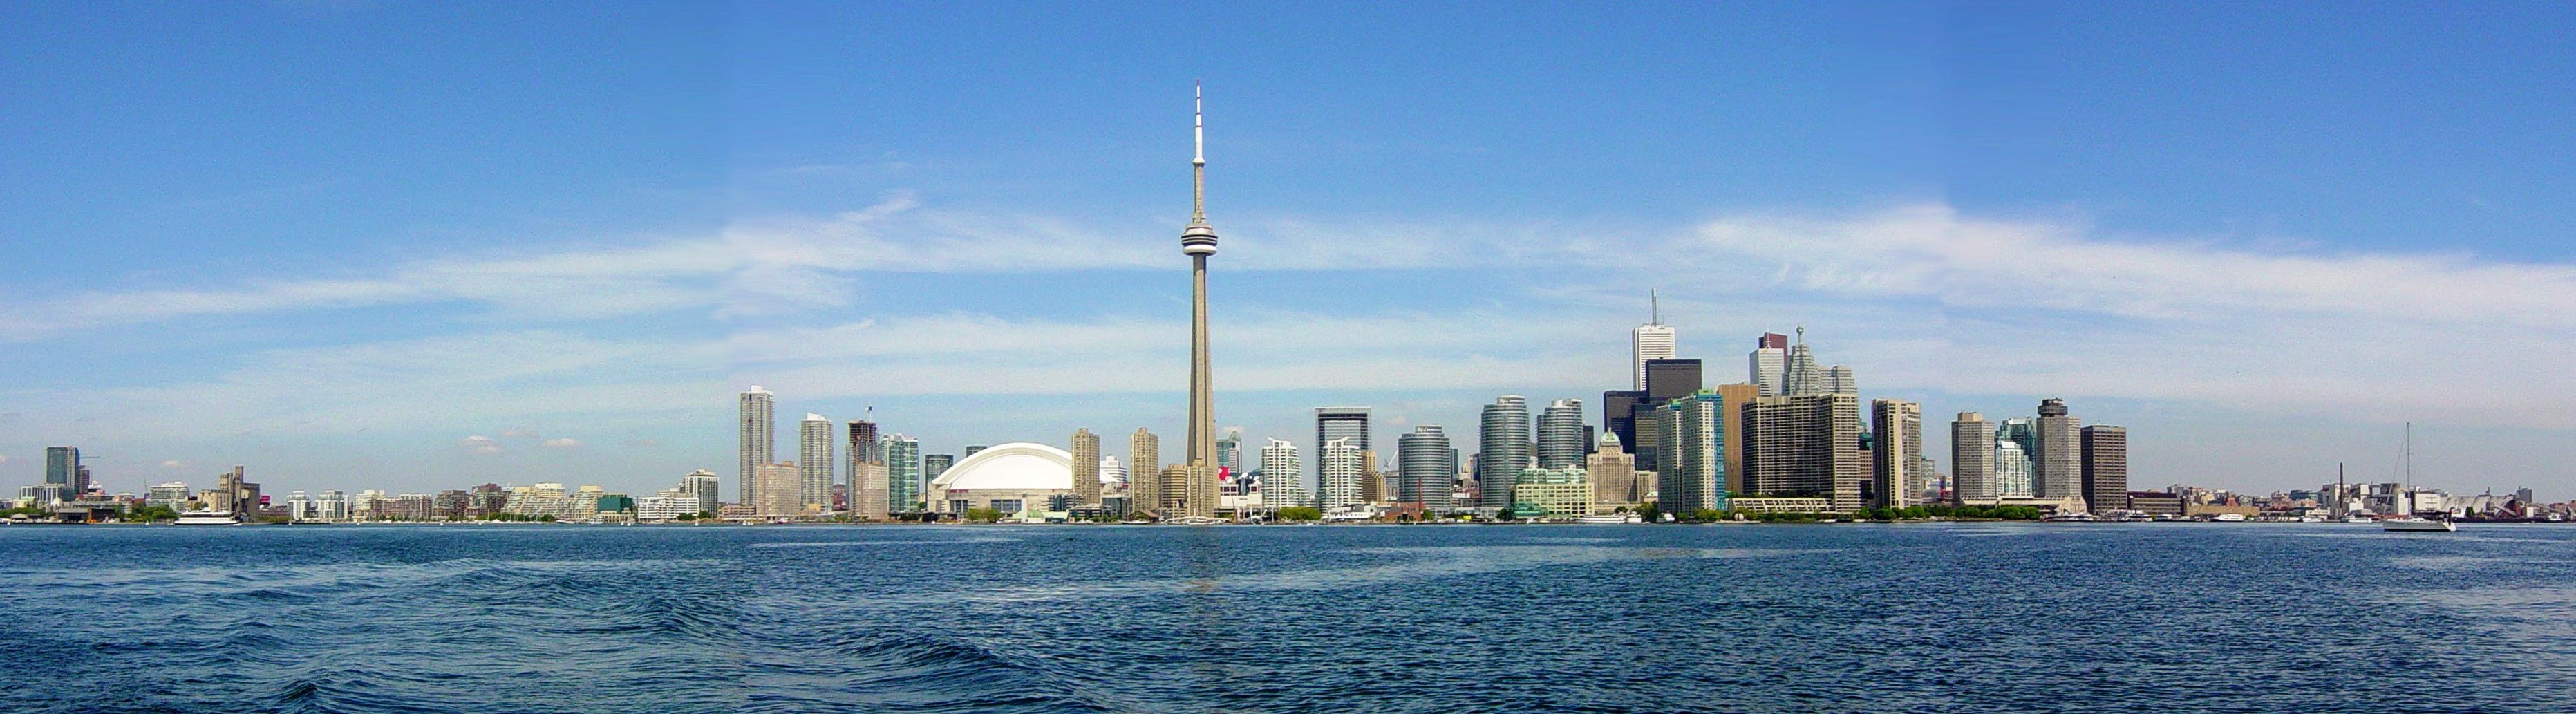 Toronto Islands Lugares De Inter Ef Bf Bds